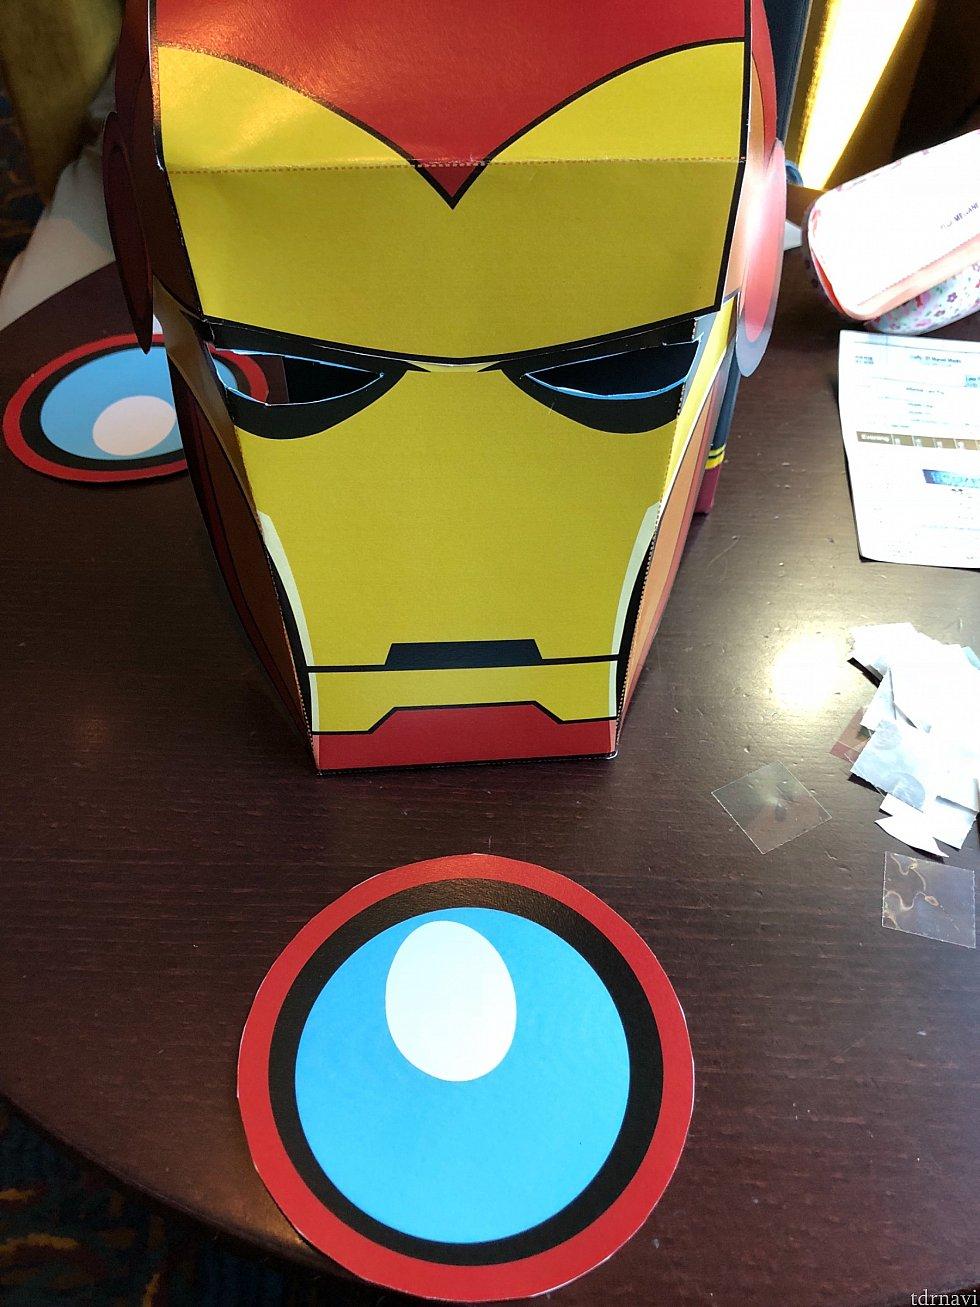 アイアンマンのマスク なんかシュール! ゴムももらえます!